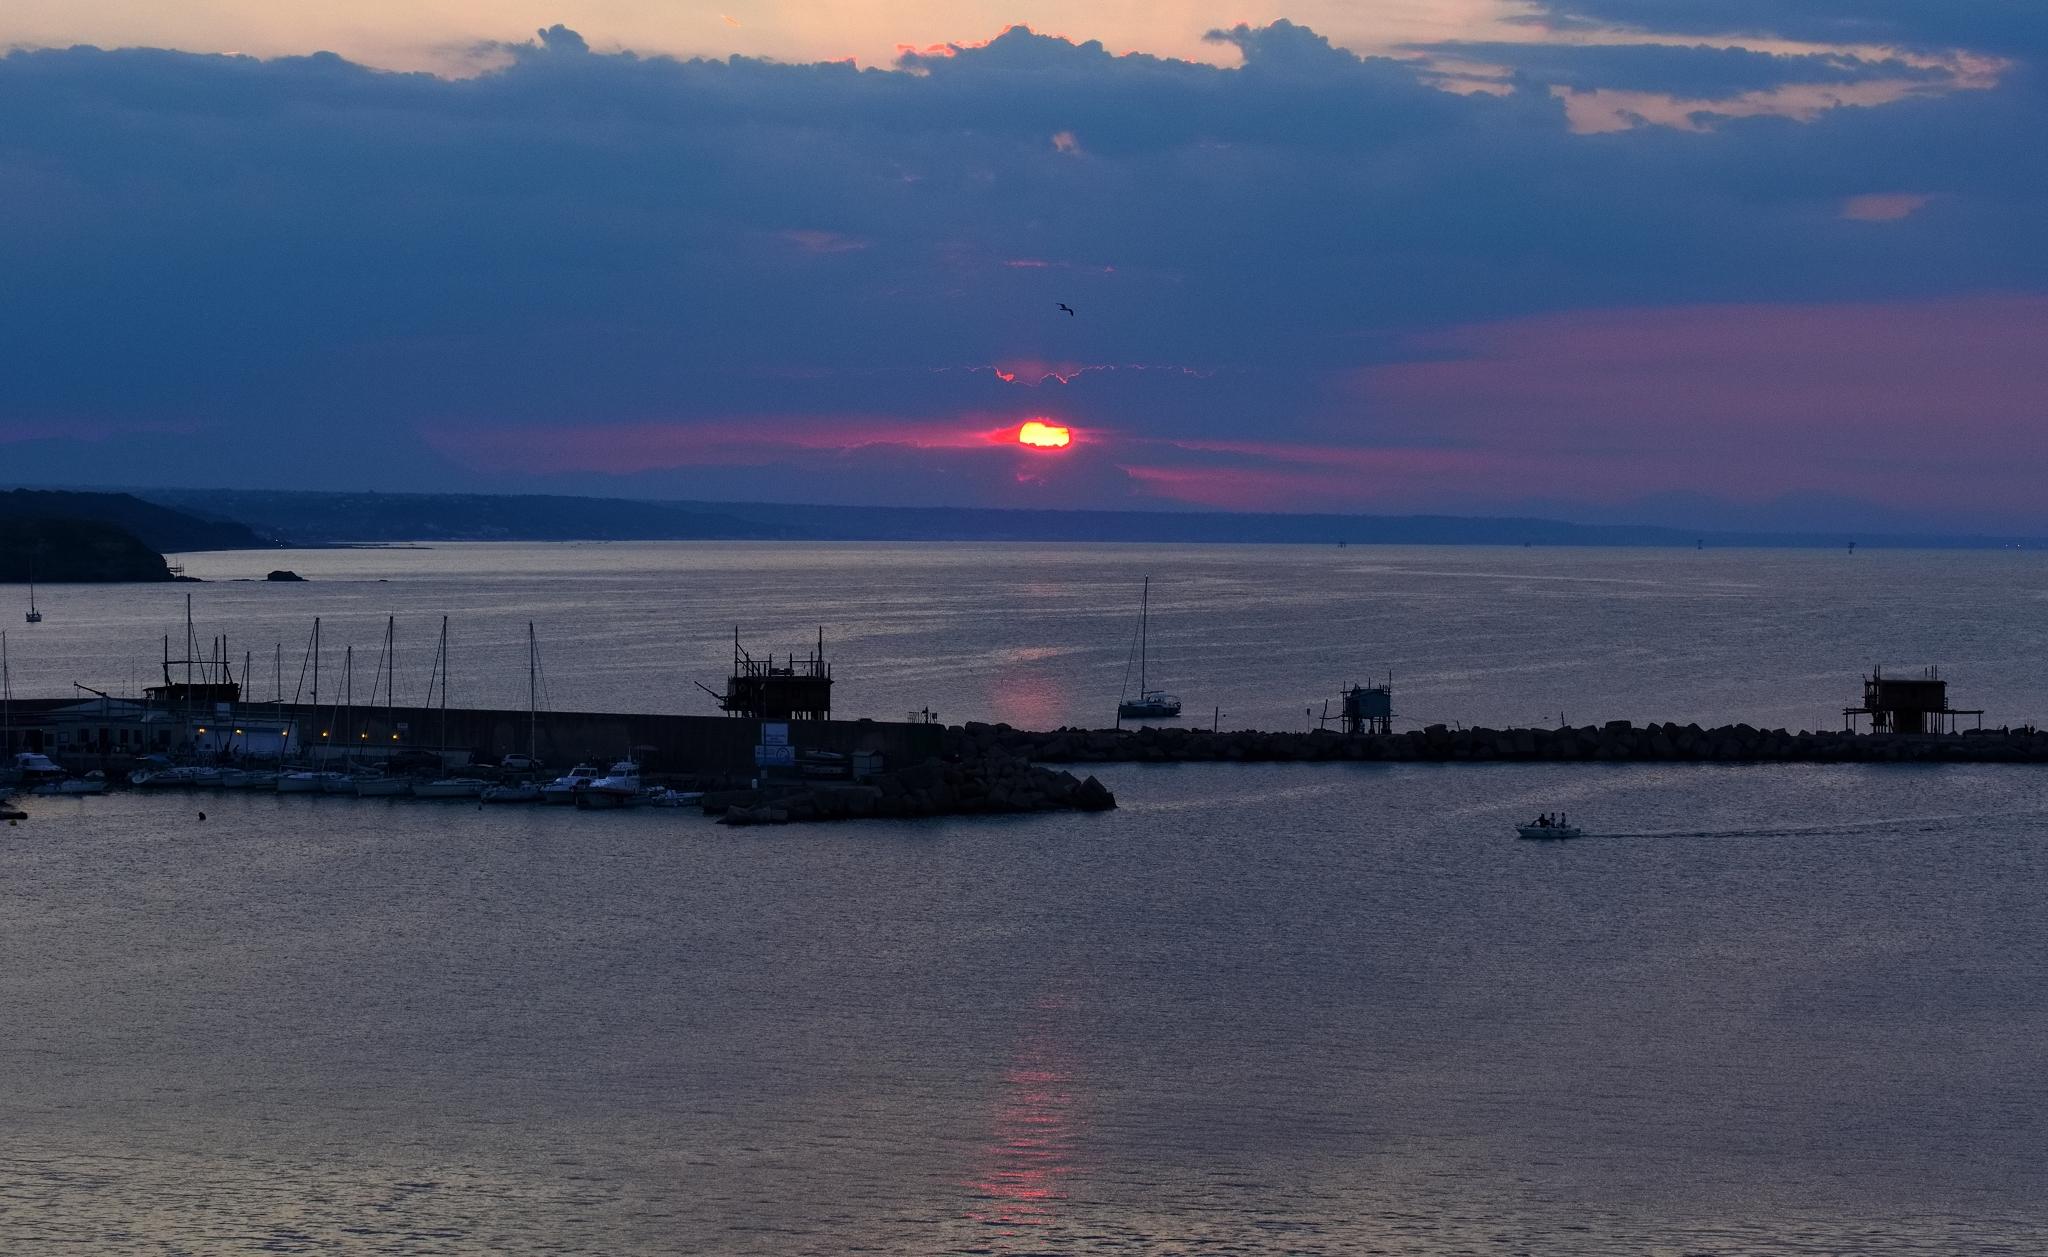 Rientro al tramonto...